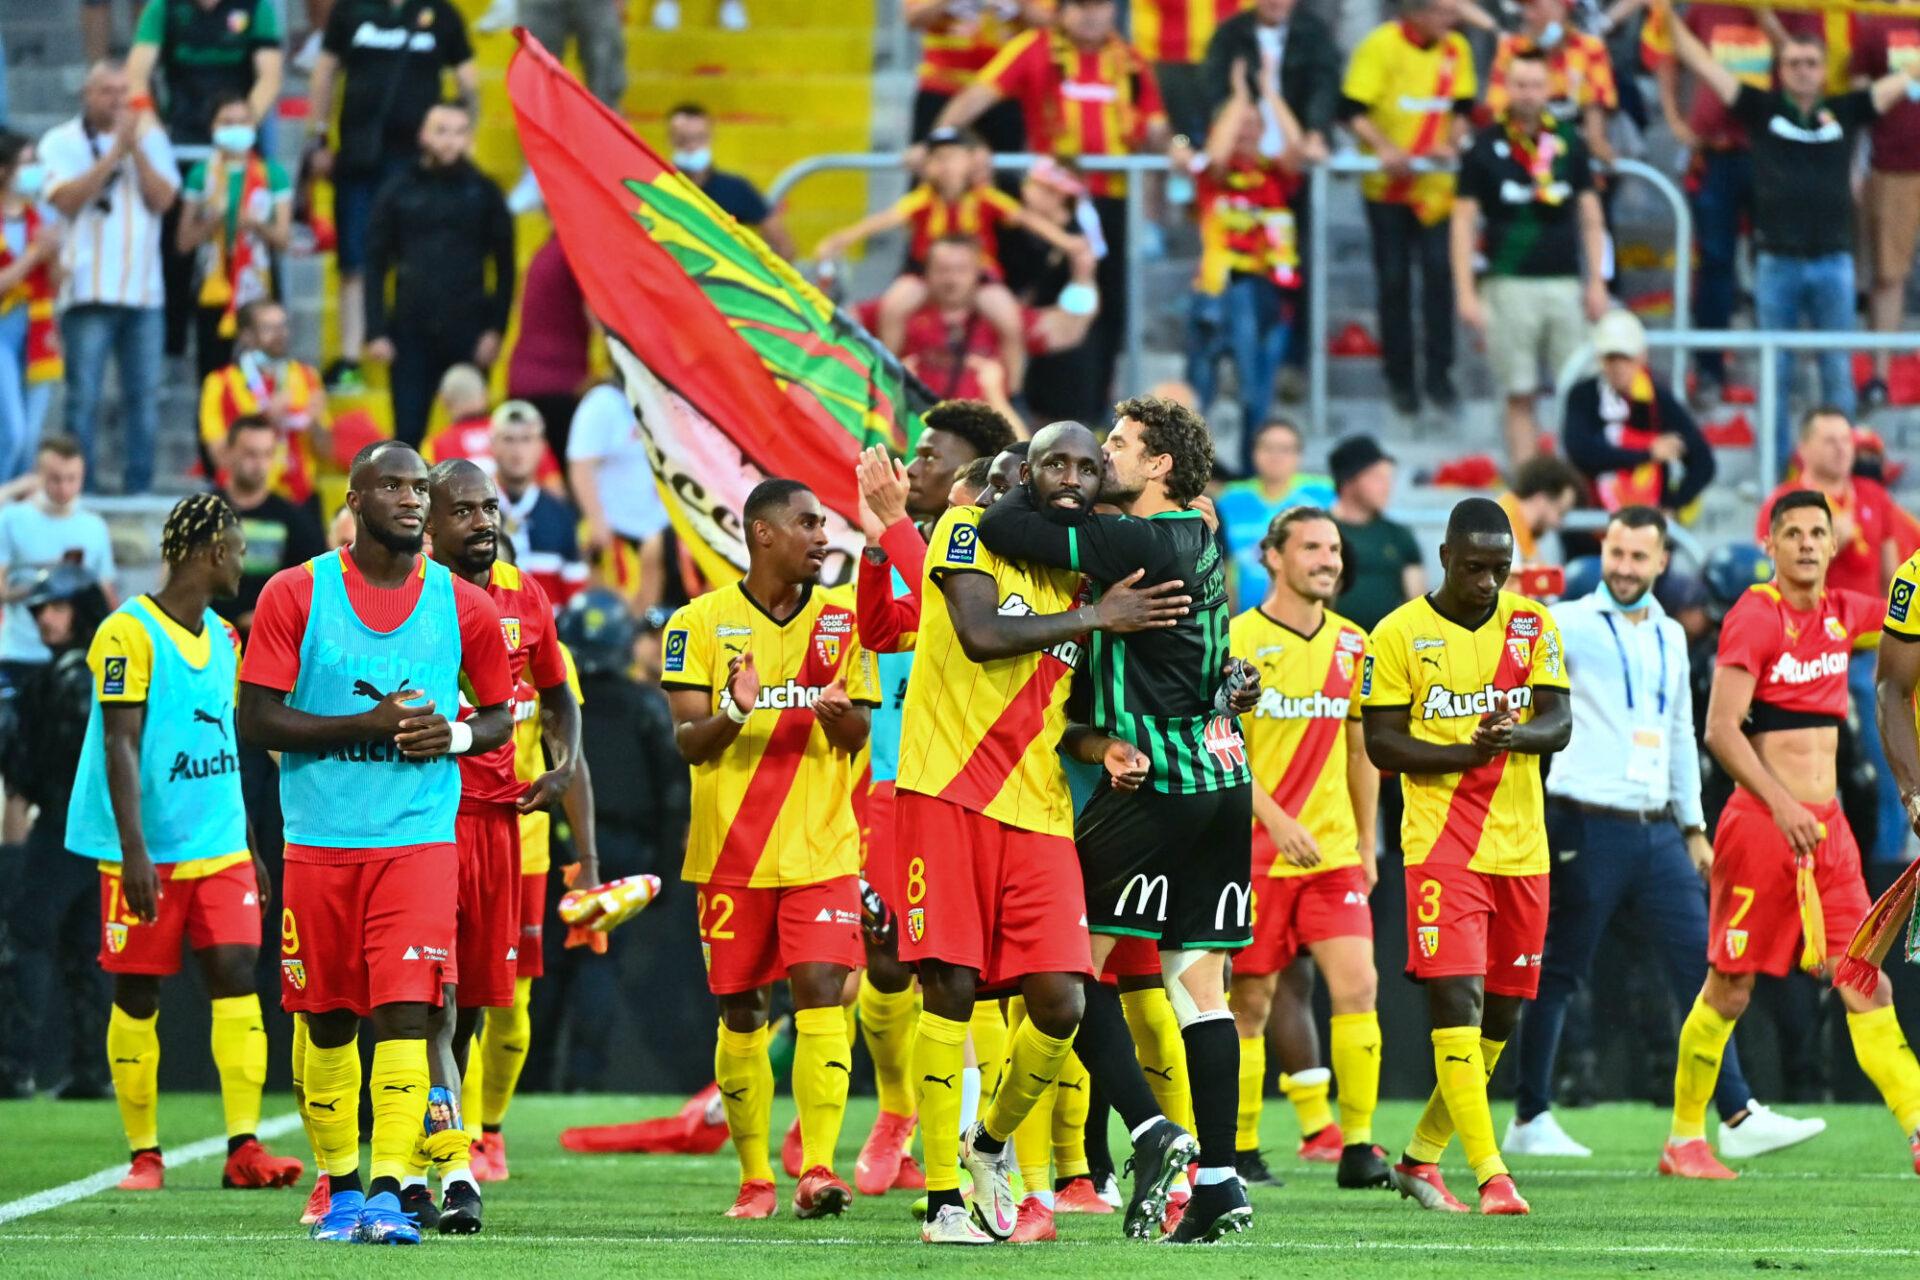 Quatre victoires, trois matchs nuls et une seule défaite : Lens est logiquement deuxième de Ligue 1. Icon Sport